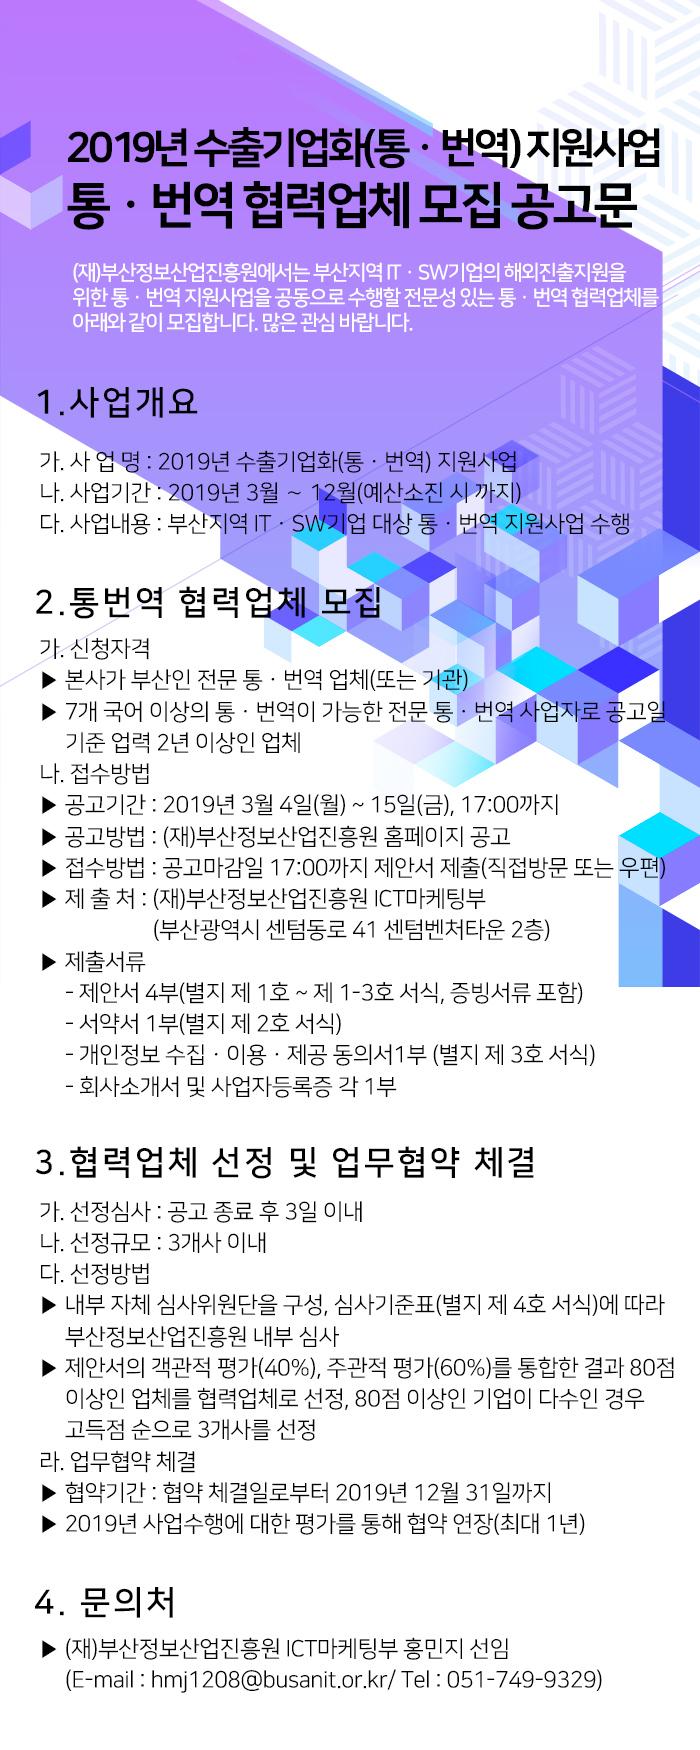 2019년 수출기업화(통ㆍ번역) 지원사업 통ㆍ번역 협력업체 모집 공고문